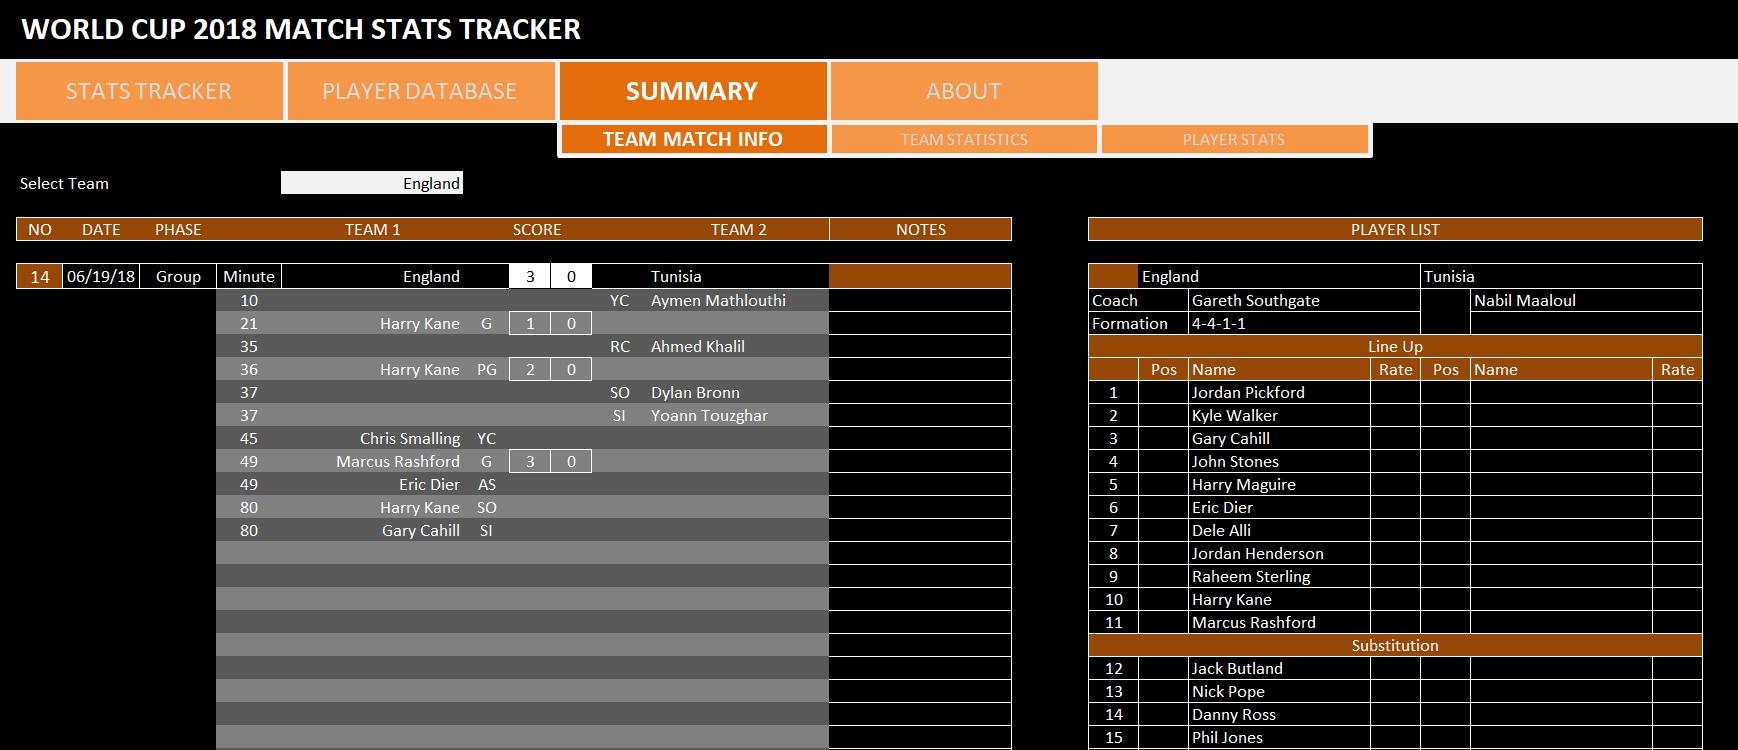 World Cup 2018 Match Stats Tracker - Team Match Info